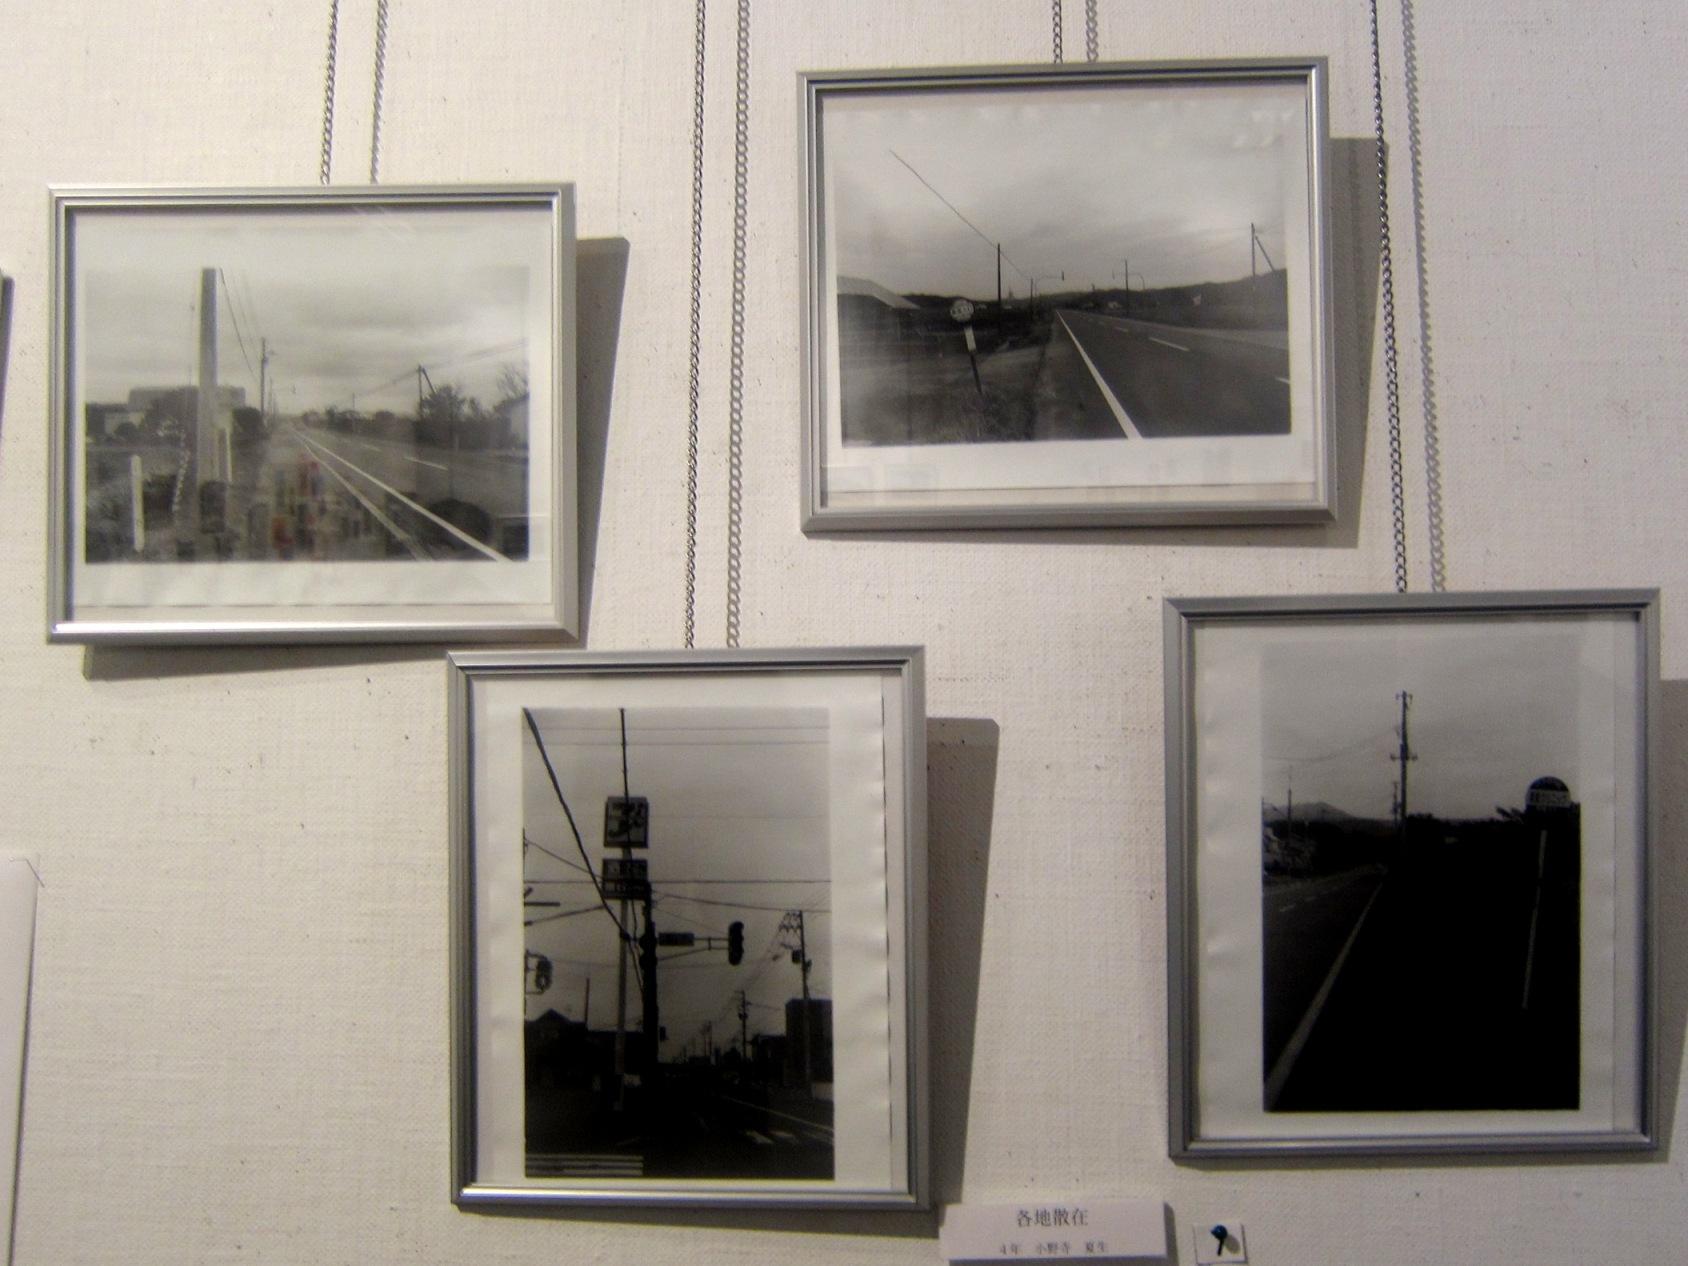 1944)②「札幌大学写真部 卒業写真展 & 学外写真展」 市民g. 終了2月20日(水)~2月24日(日) _f0126829_10315272.jpg